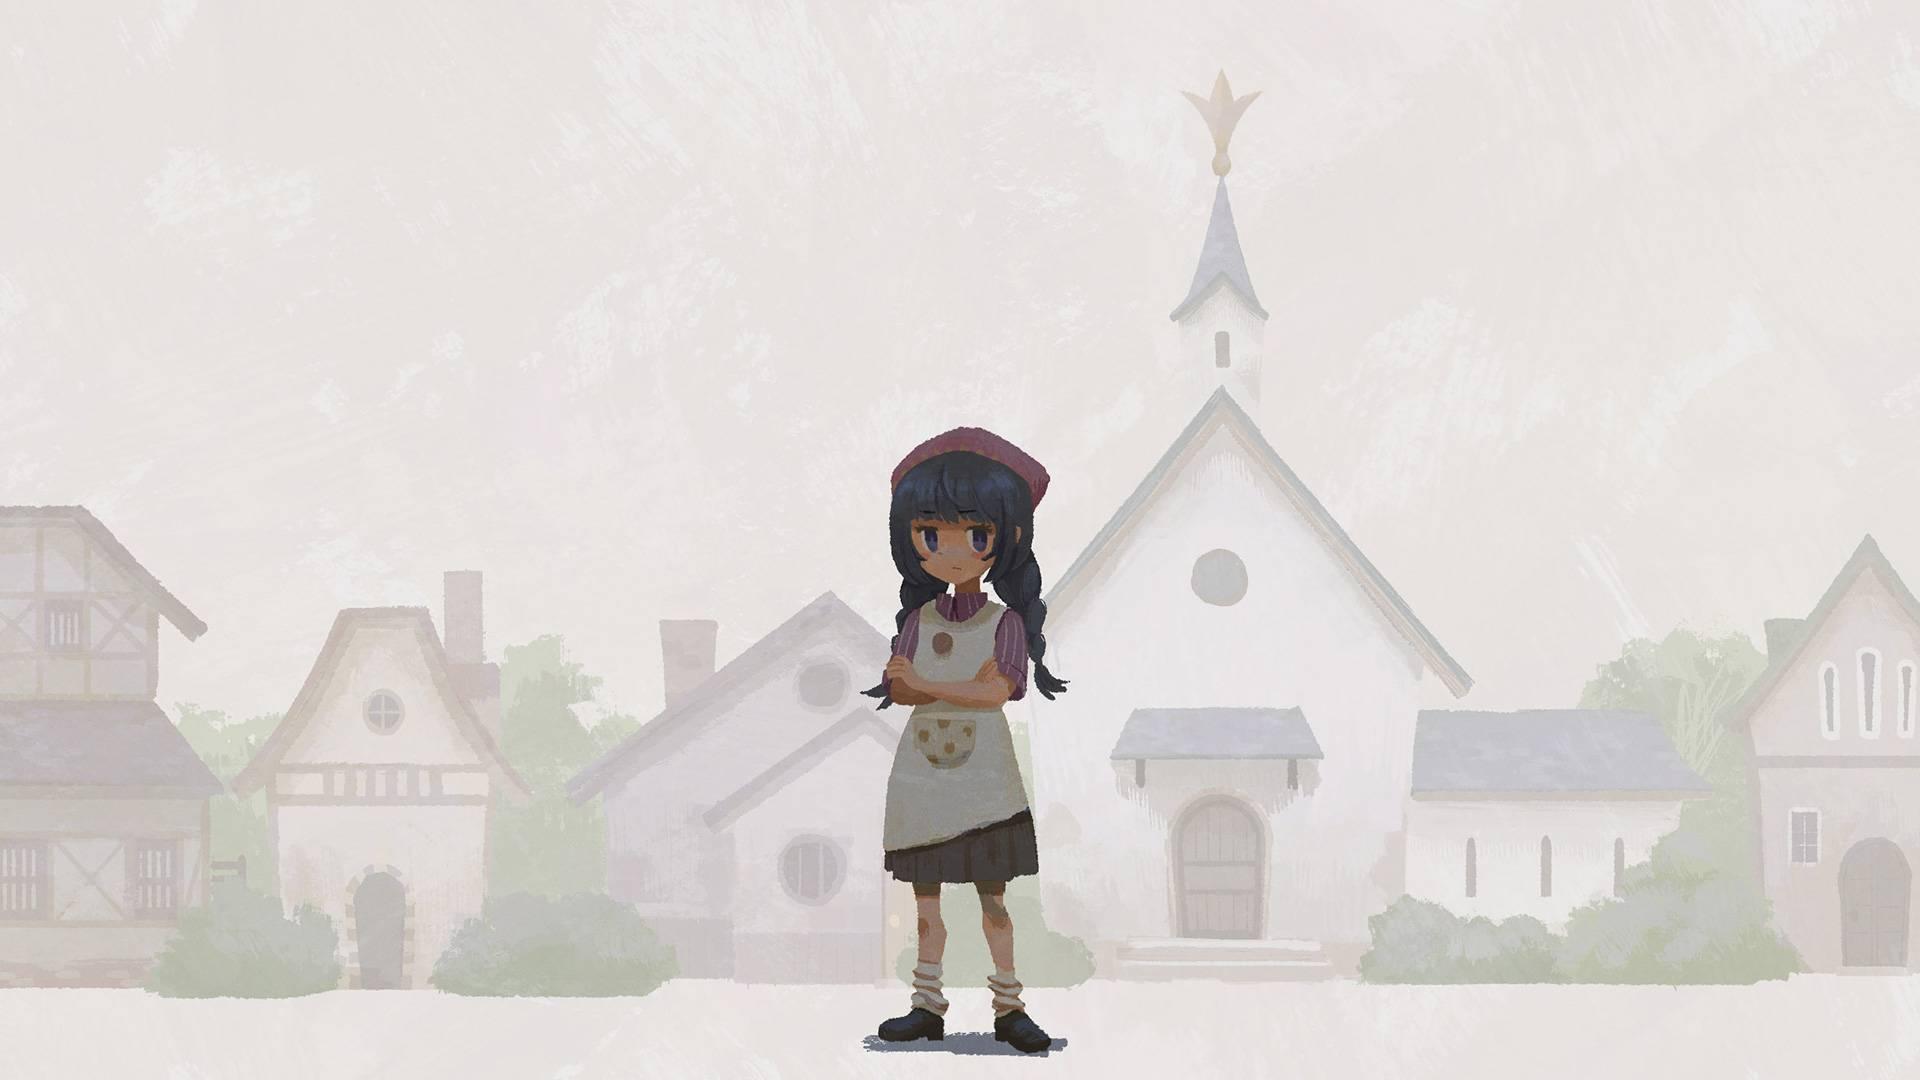 ふたりの少女と邪悪な森のオハナシ|第1章【ウィキッドストーリーズ】